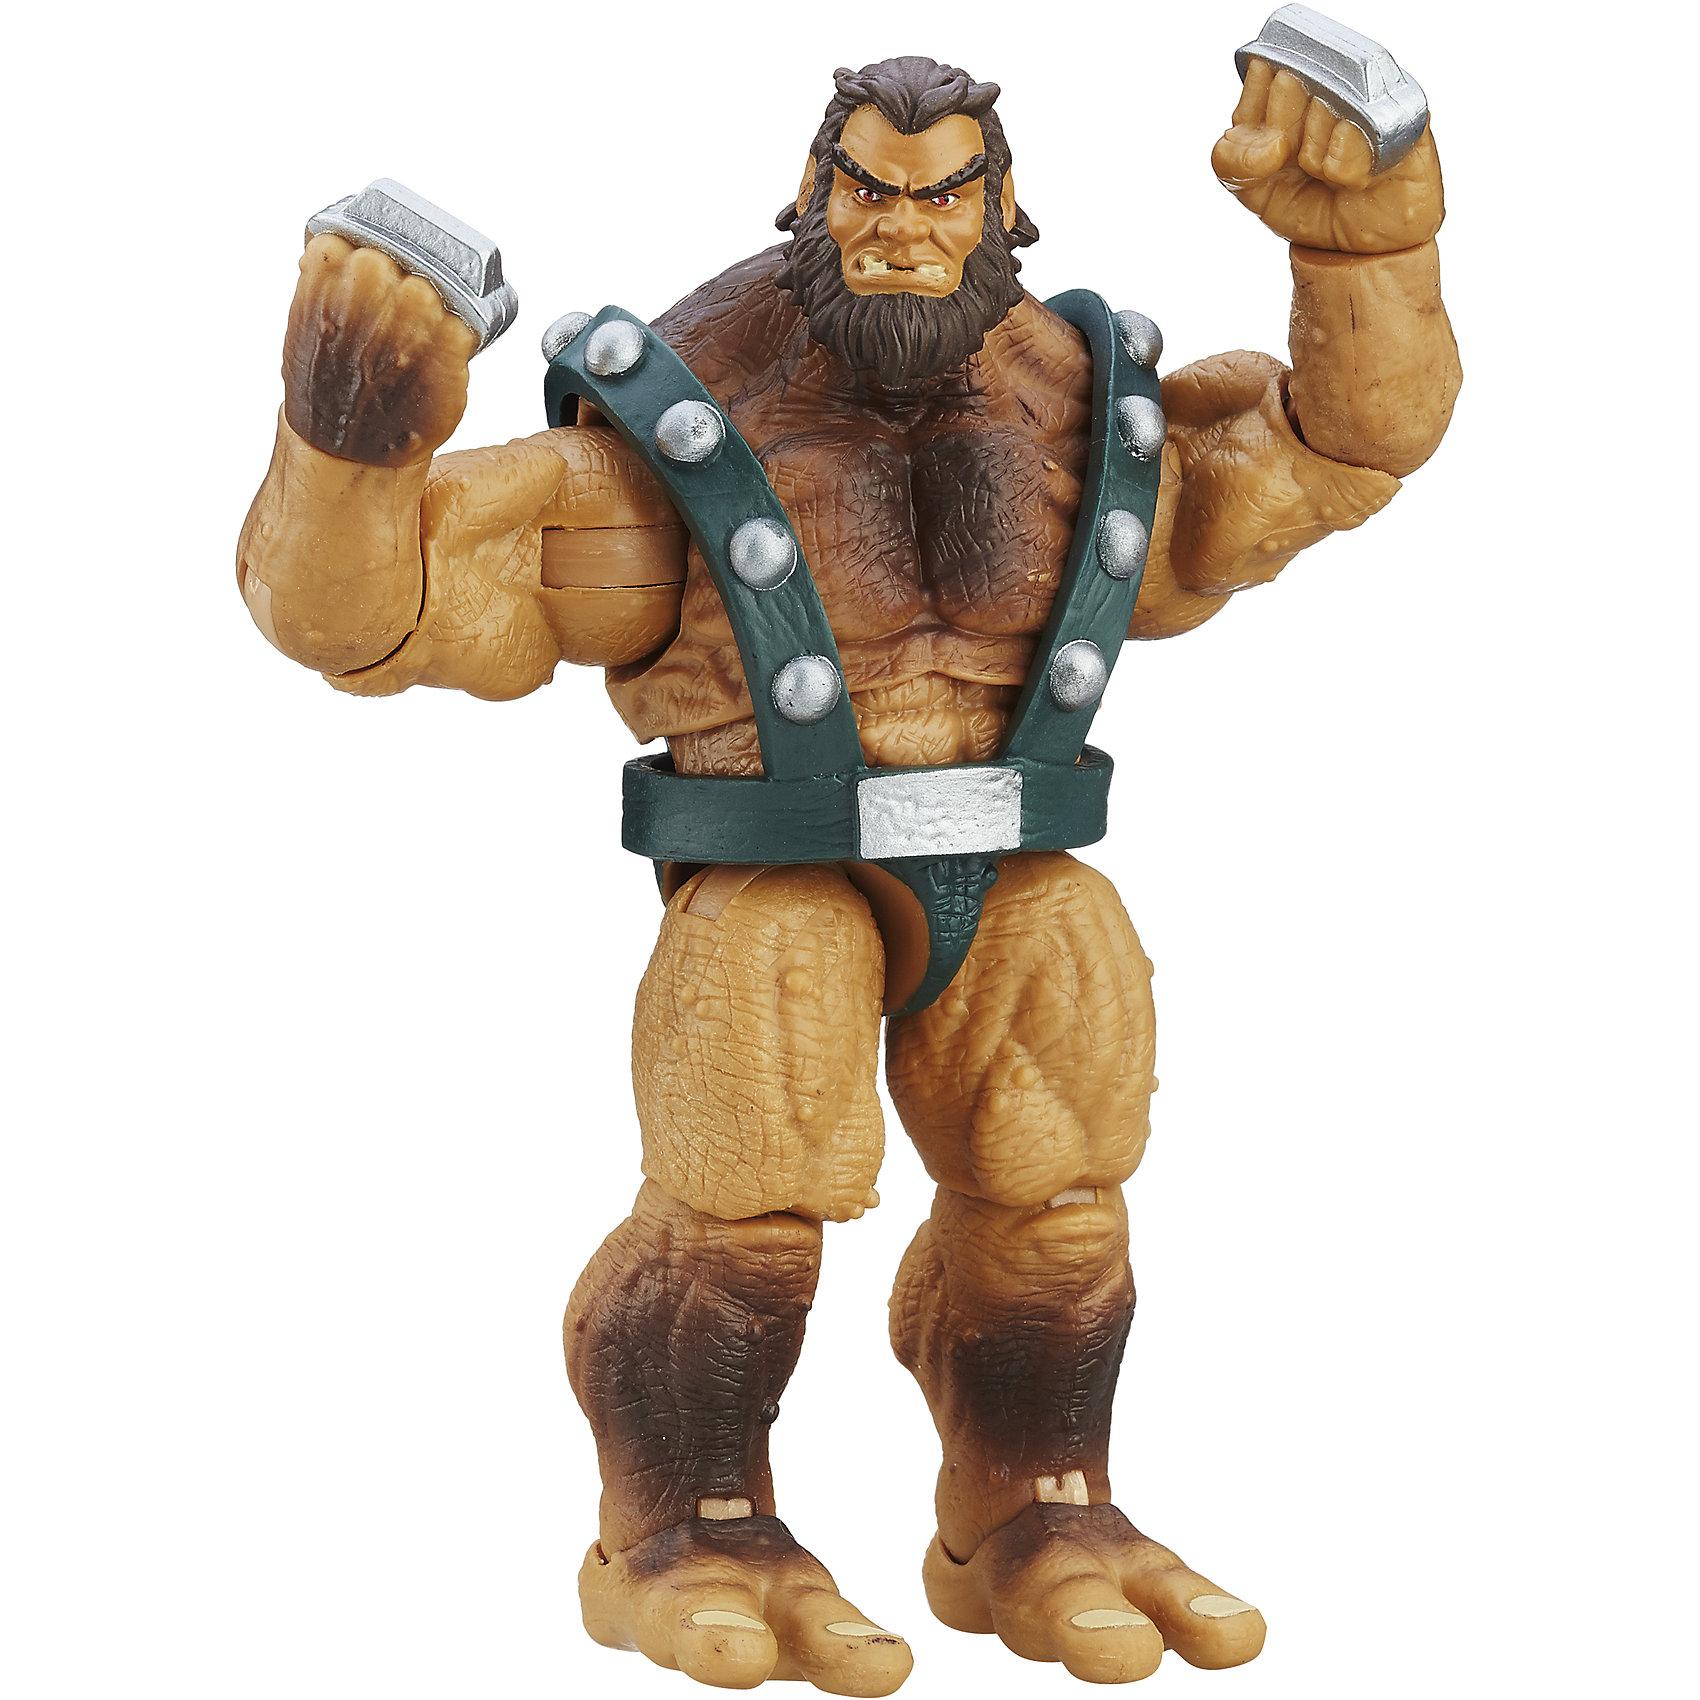 Коллекционная фигурка Мстителей 9,5 см., B6356/B6404Коллекционная фигурка Мстителей, Hasbro, станет приятным сюрпризом для Вашего ребенка, особенно если он является поклонником популярных фильмов о супергероях Мстители. Фигурка героя выполнена с высокой степенью детализации и полностью повторяет своего экранного персонажа. Теперь можно разыгрывать по-настоящему масштабные сражения с любимыми героями. Фигурка изготовлена из высококачественных безопасных для детского здоровья материалов, имеет подвижные части тела. В каждый набор входит только одна фигурка персонажа. Собранные вместе они составят замечательную и оригинальную коллекцию.  Дополнительная информация:  - Материал: пластик. - Размер фигурки: 9,5 см. - Размер упаковки: 12 х 4 х 23 см.  - Вес: 0,15 кг.   Коллекционную фигурку Мстителей 9,5 см., Hasbro, можно купить в нашем интернет-магазине.<br><br>Ширина мм: 229<br>Глубина мм: 51<br>Высота мм: 121<br>Вес г: 1413<br>Возраст от месяцев: 48<br>Возраст до месяцев: 144<br>Пол: Мужской<br>Возраст: Детский<br>SKU: 4833584